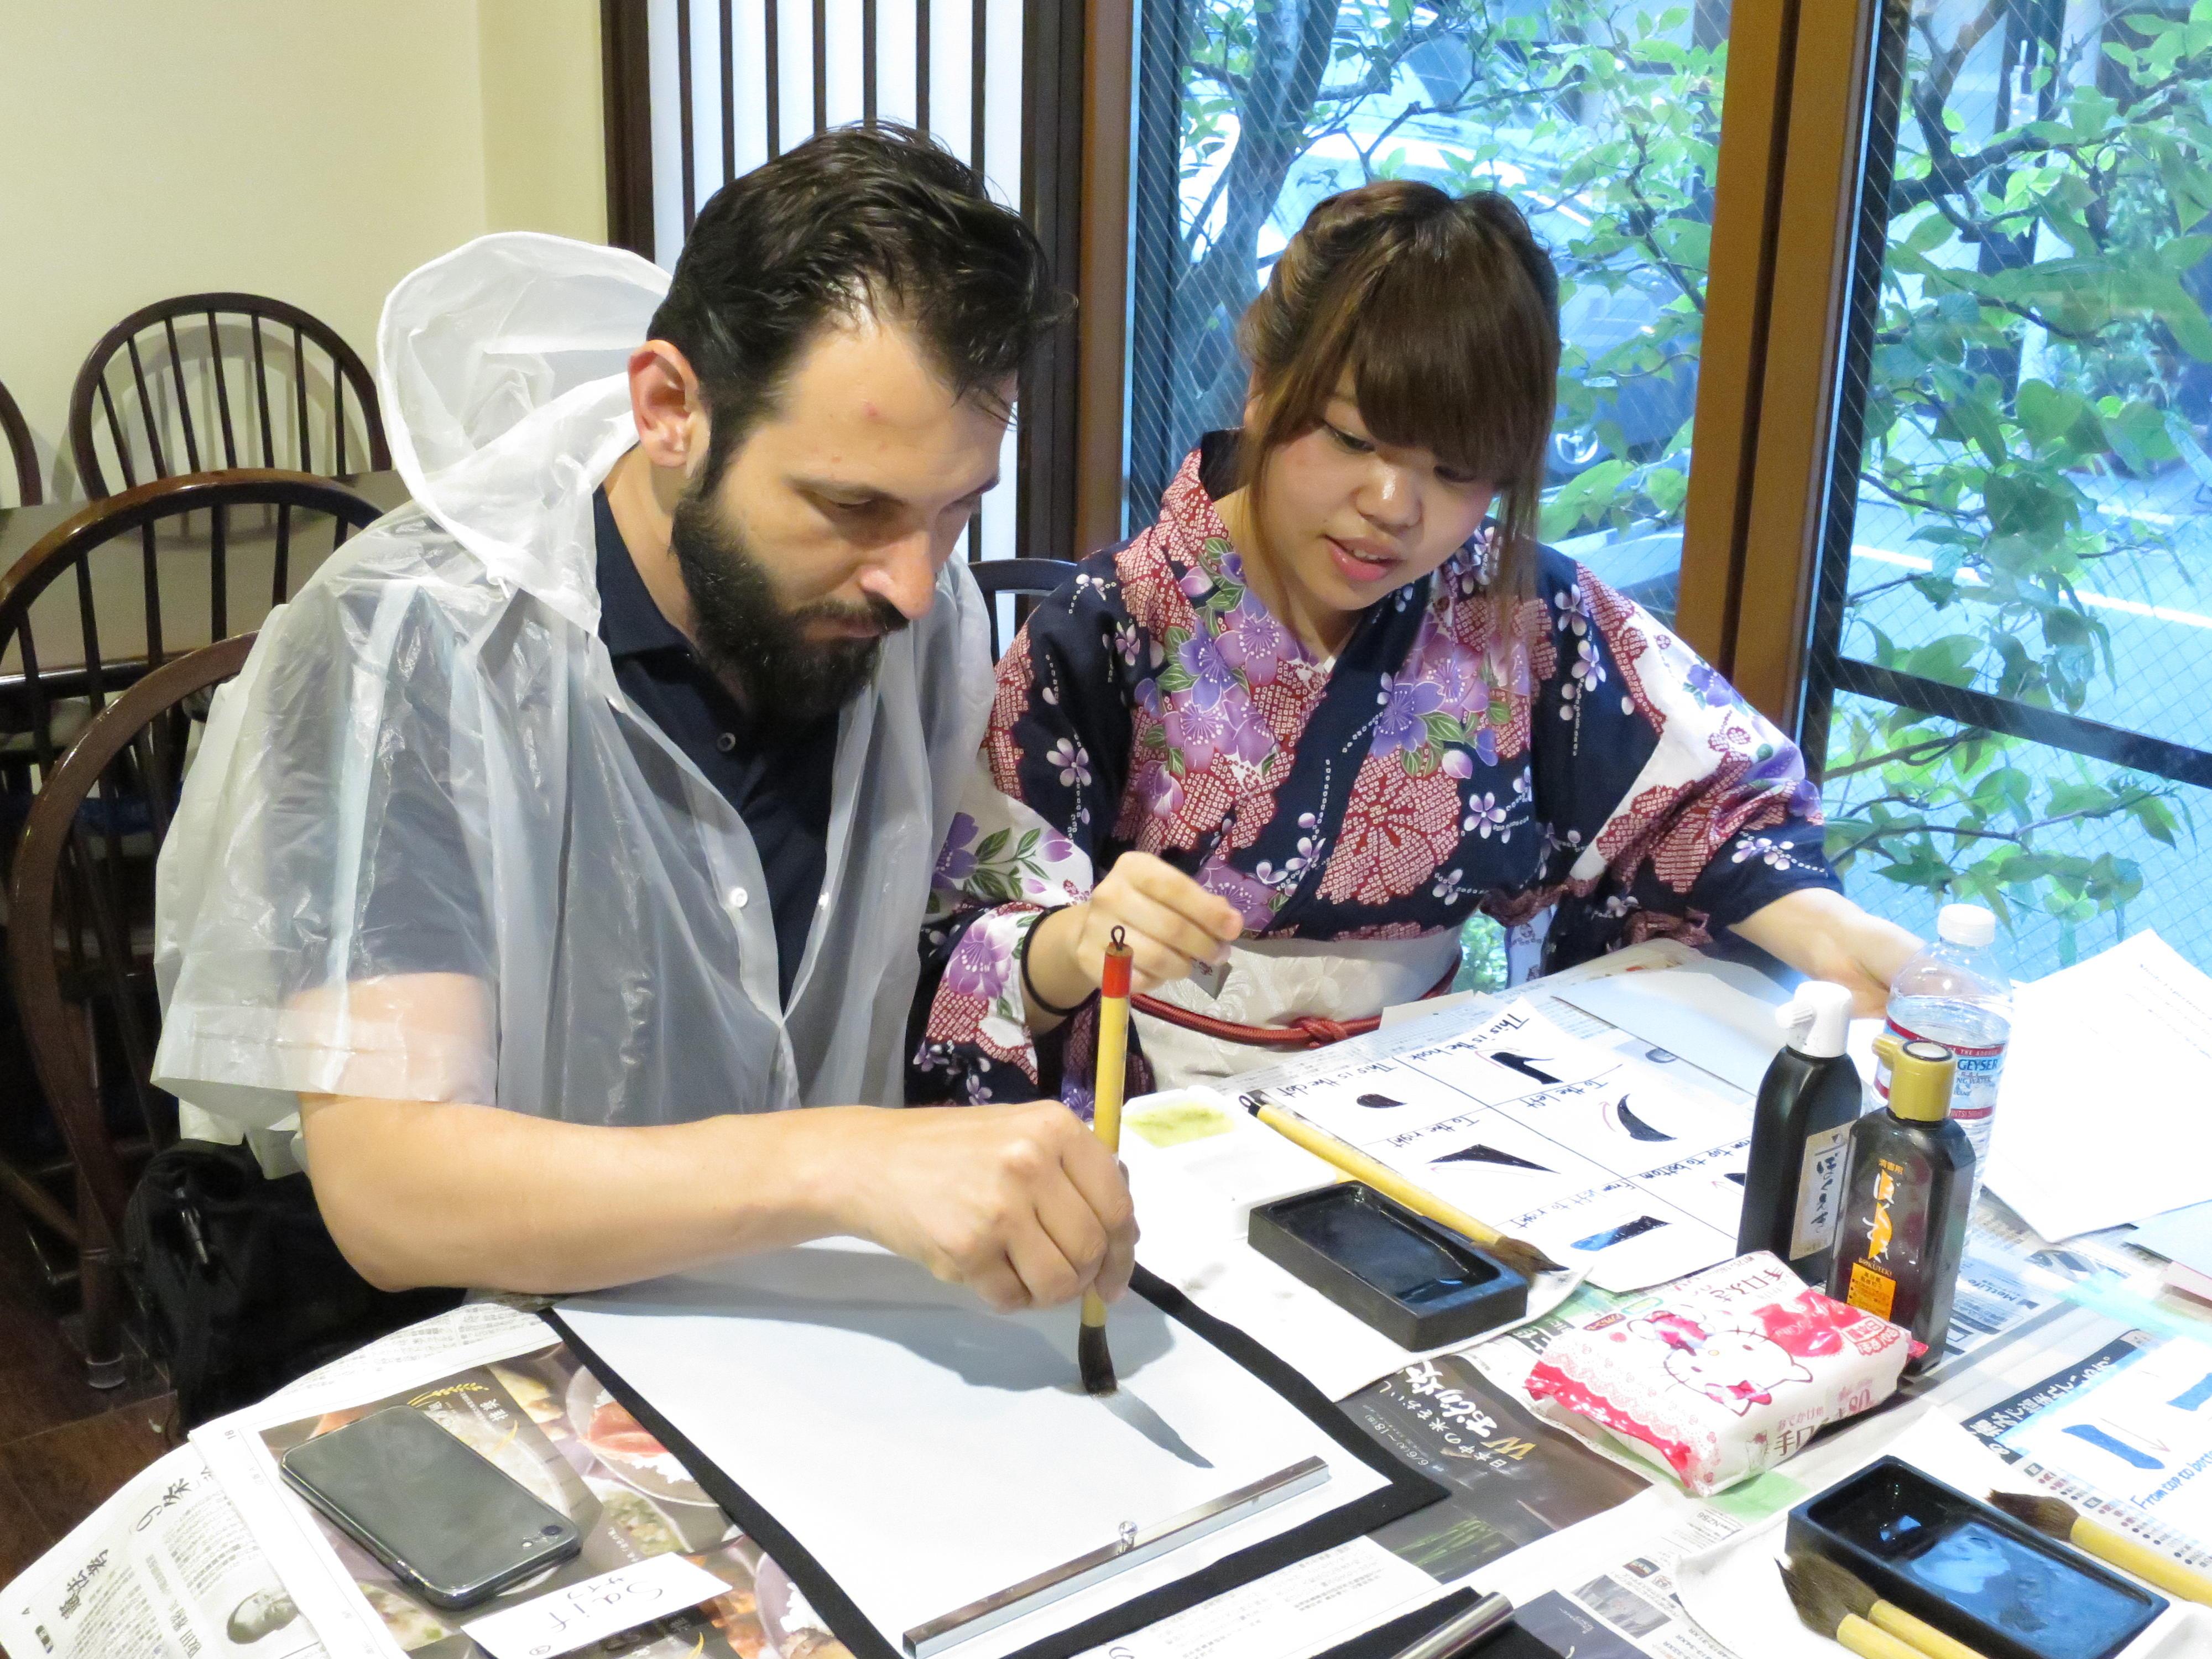 大学生が企画から実行までを推進する「プロジェクトマネジメント」教育の一環として「Shodo Experience(書道エクスペリエンス)」を開催 - 外国人観光客に「書道」をレクチャー - 10月24日、31日、11月14日、21日(水)